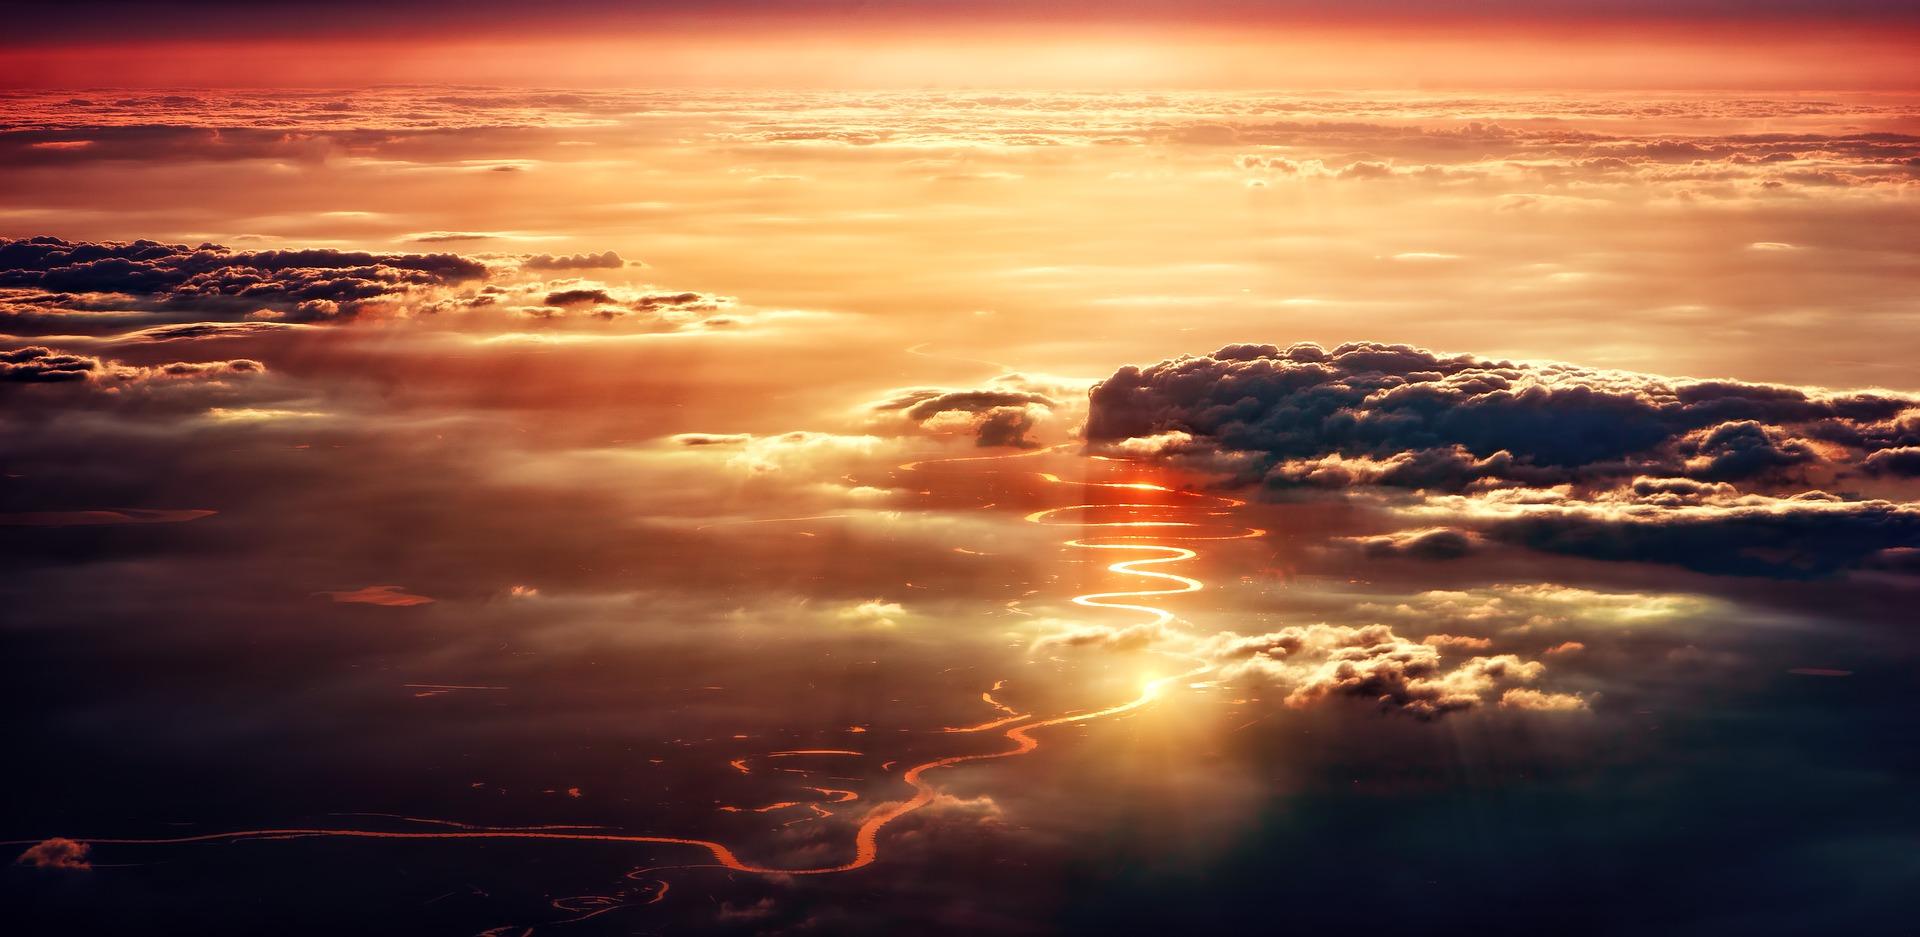 clouds-3291565_1920